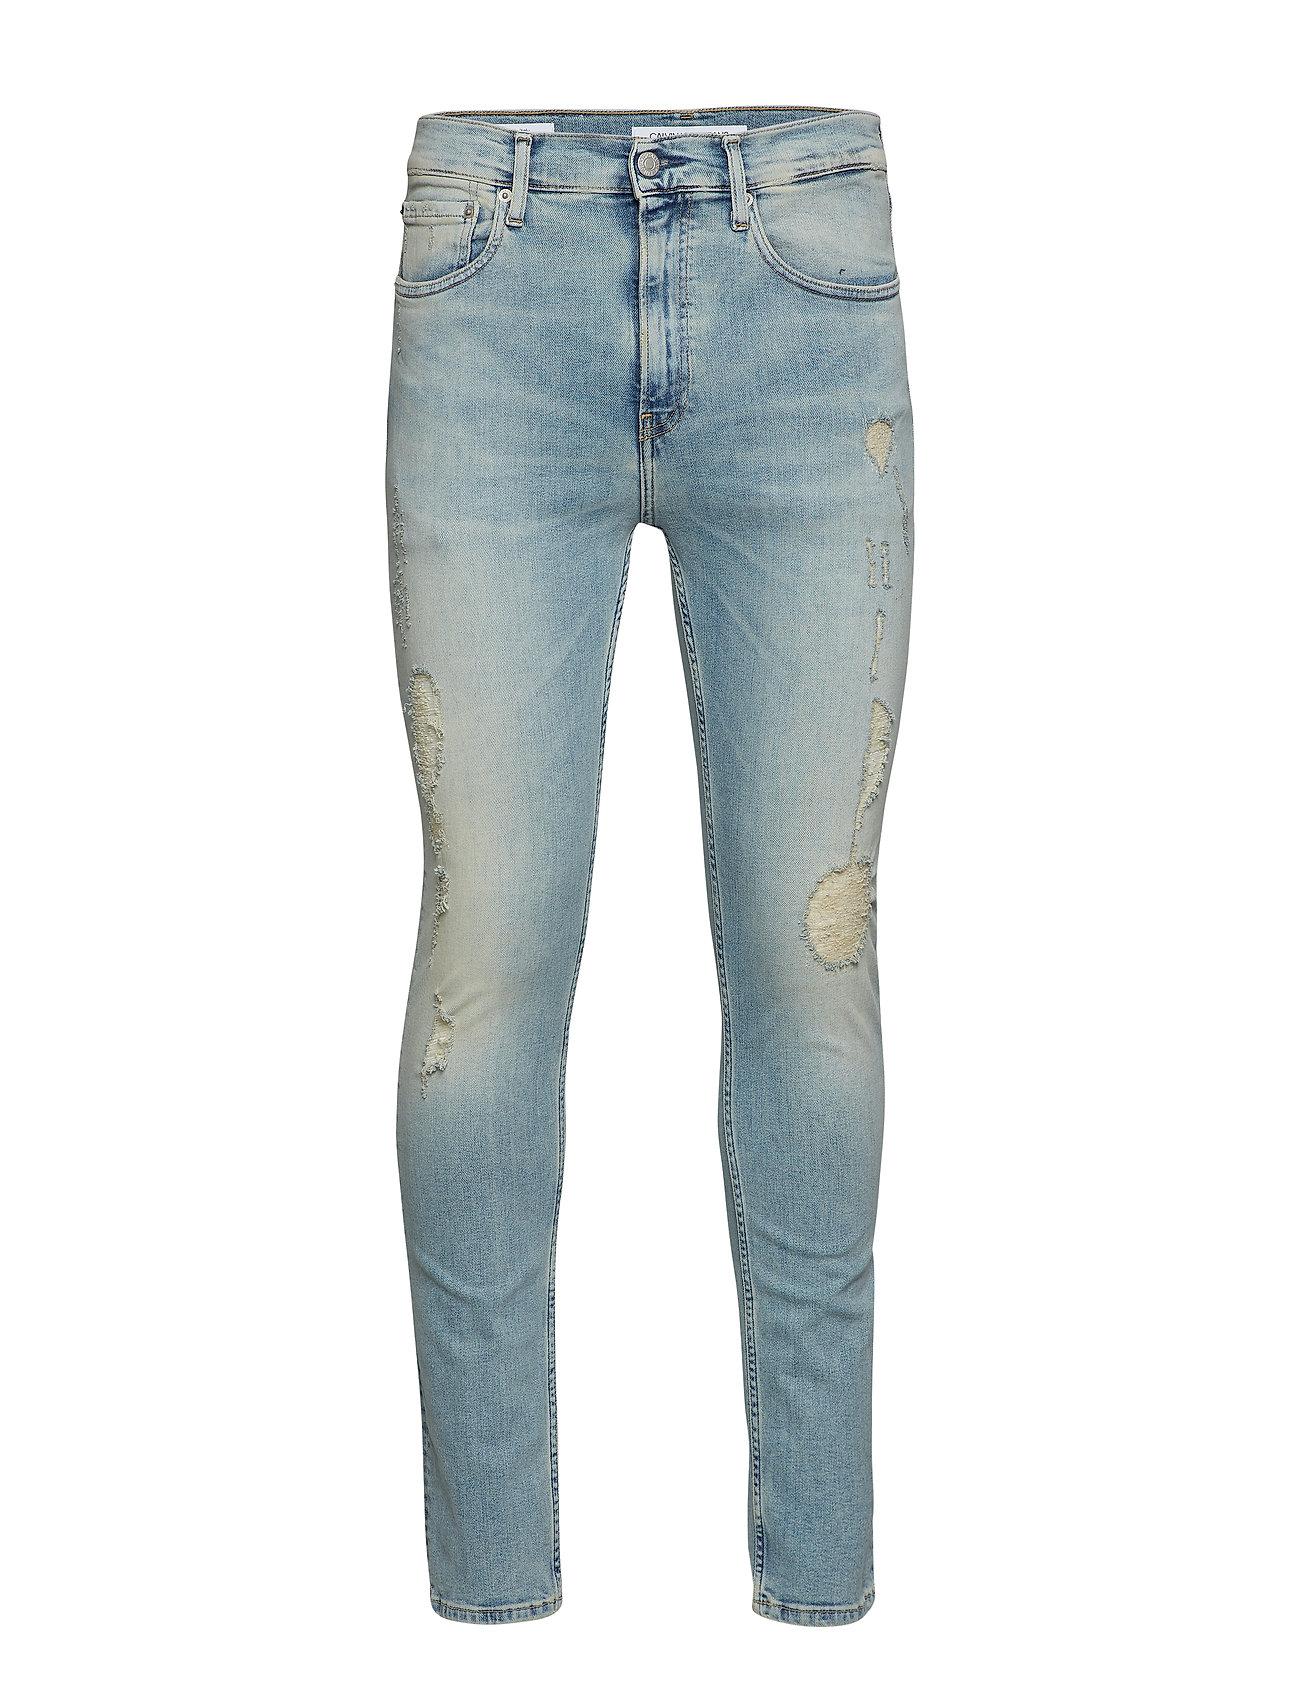 Calvin Klein Jeans CKJ 016 SKINNY - BANKS